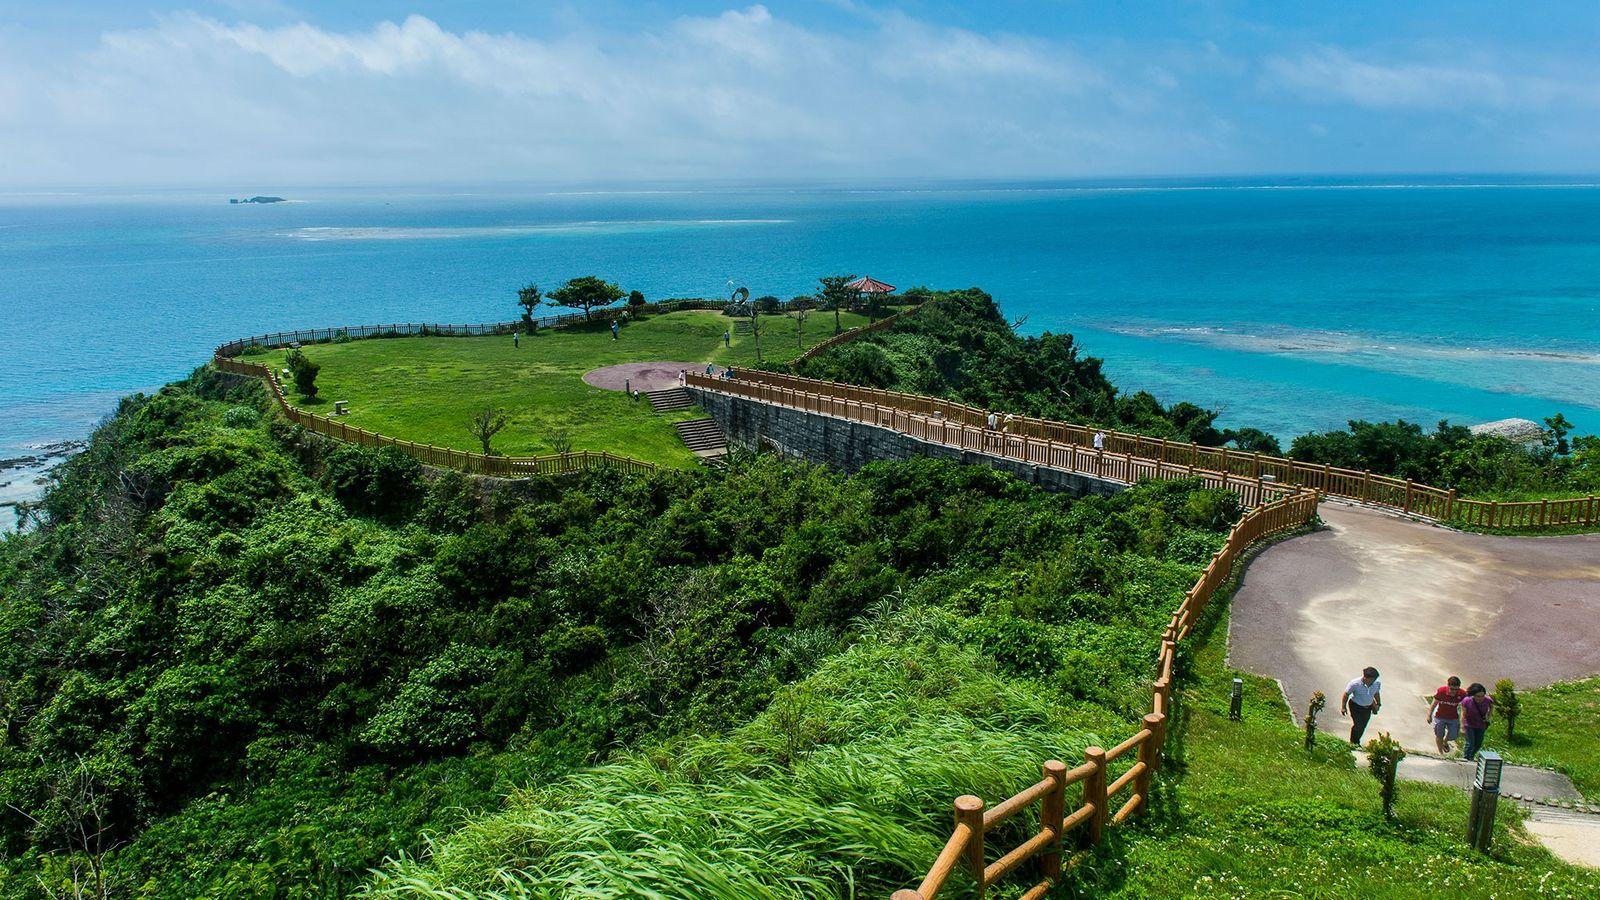 Okinawa in Japan ist eine sogenannte Blaue Zone, in der die Menschen besonders lange leben.